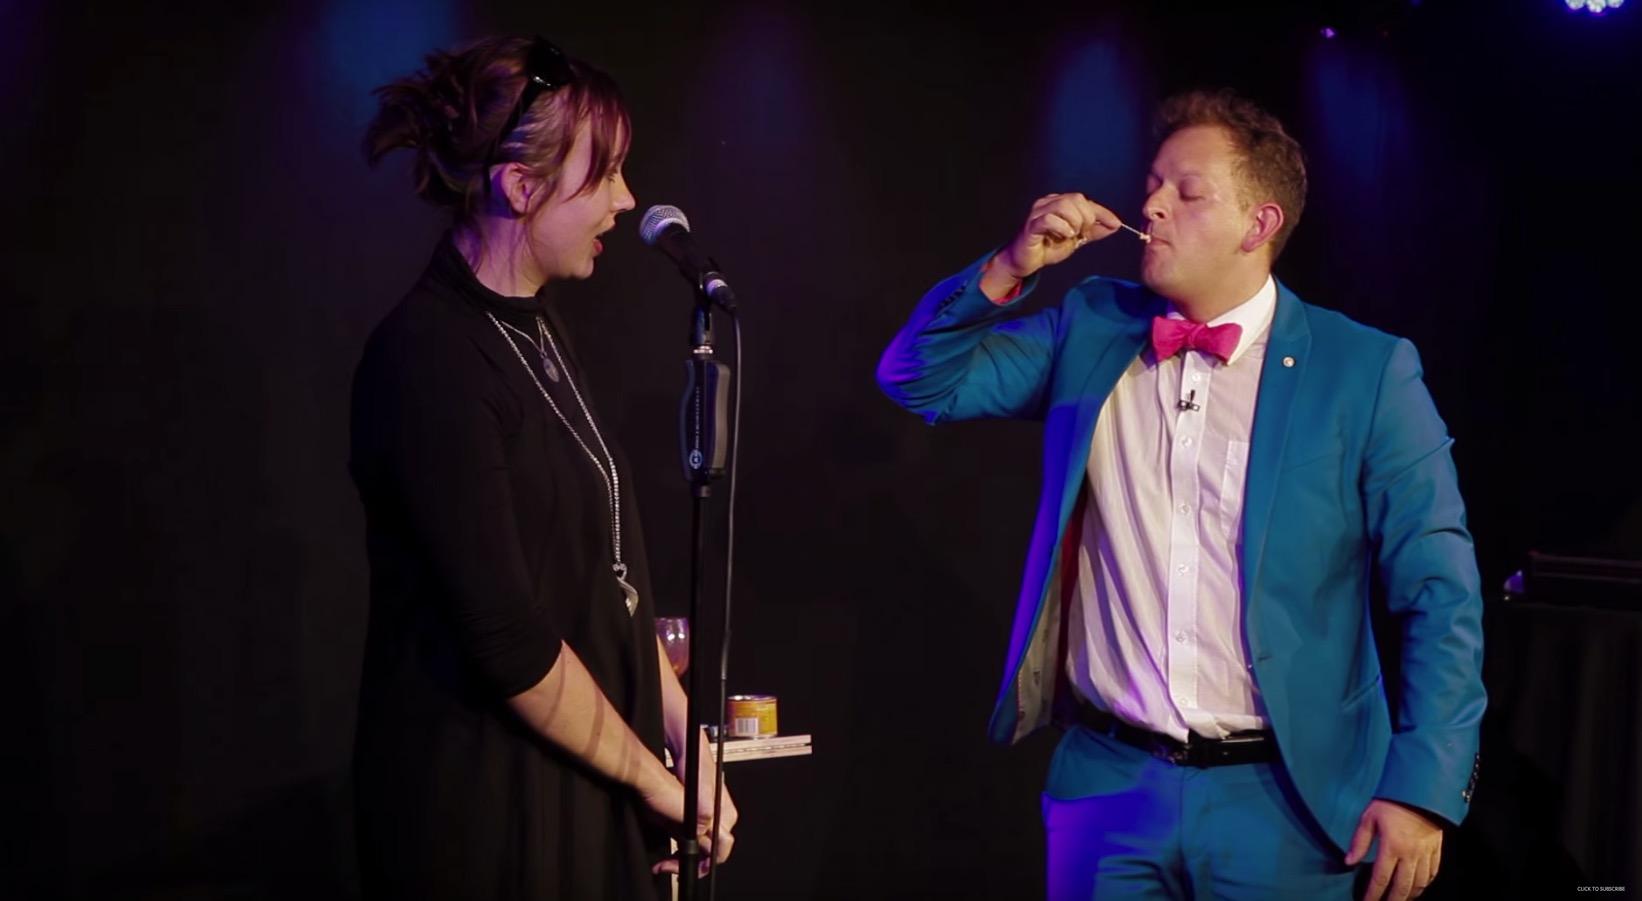 魔術師找女友上台協助表演,但當看見他「從嘴裡拉出的東西 (不是戒指)」就馬上淚崩了!